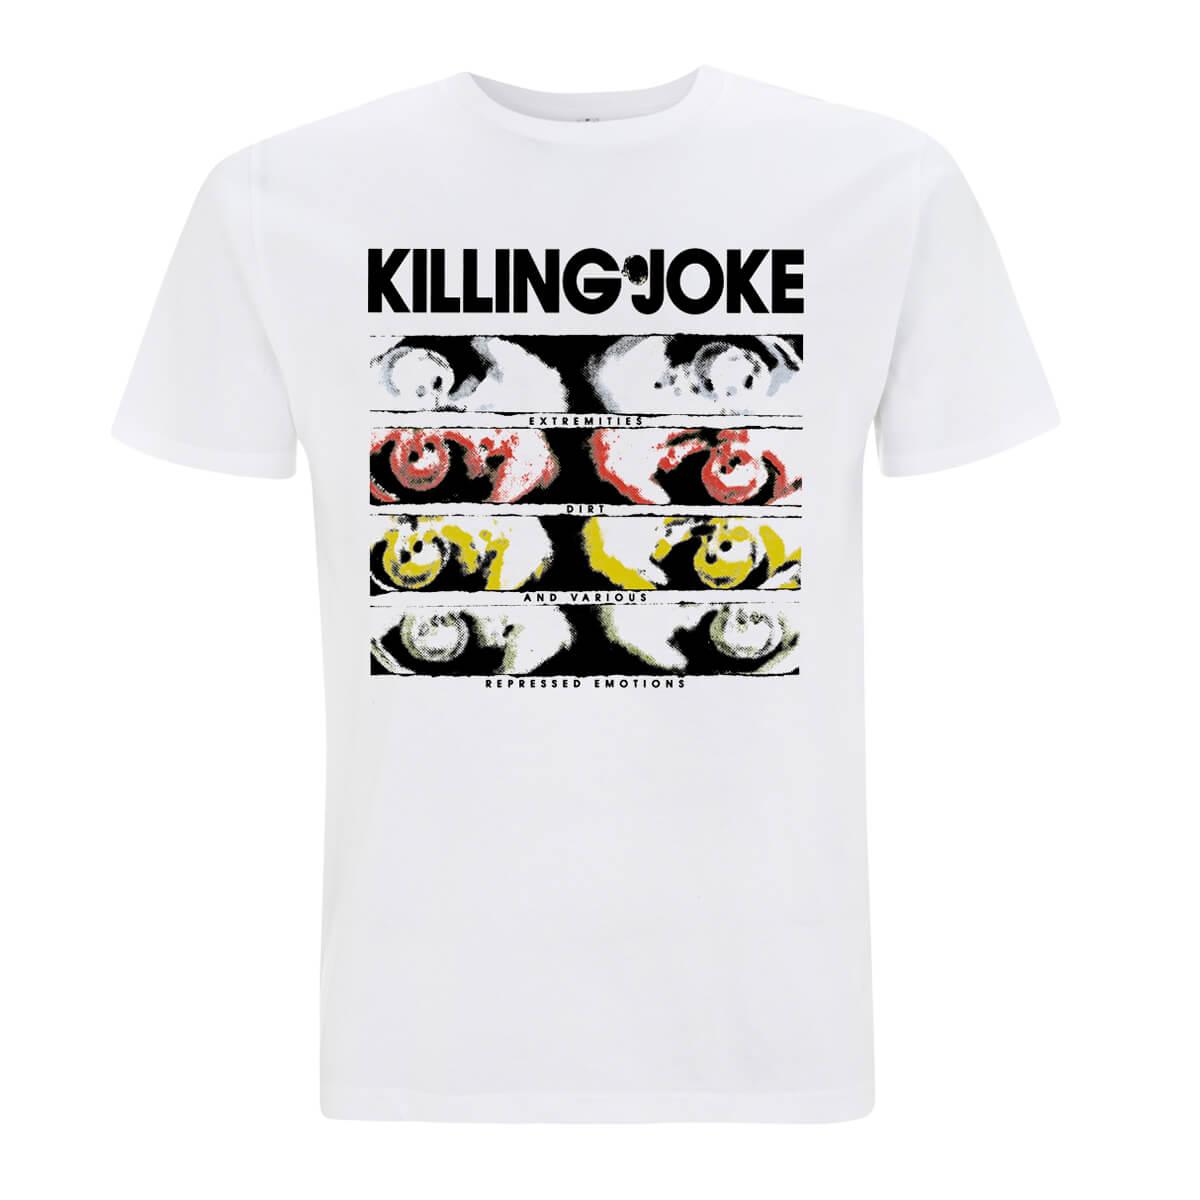 Extremities White T-Shirt - Killing Joke